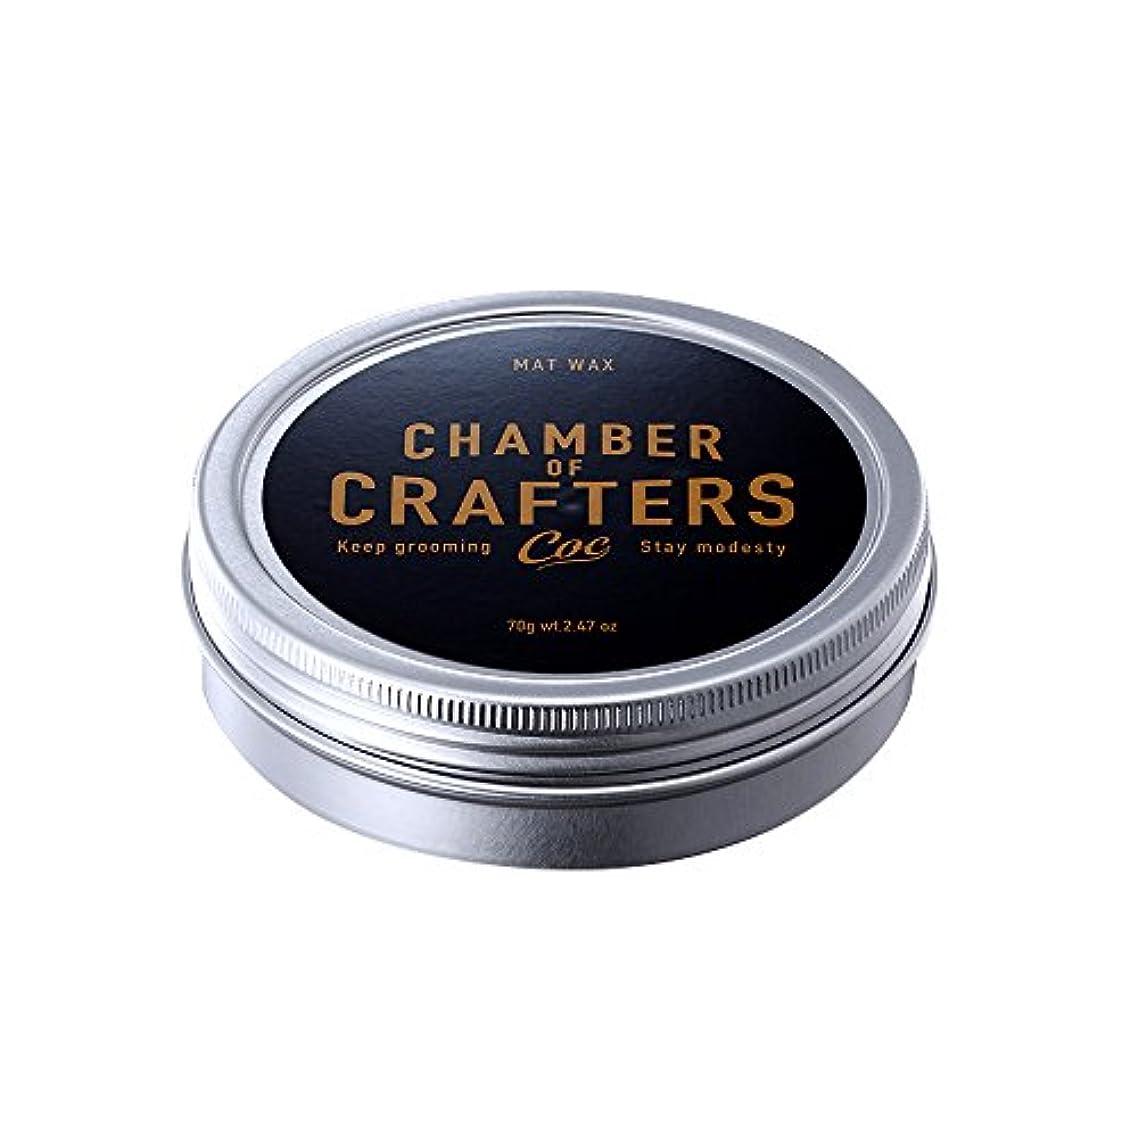 パーツ飢えたアライメントCHAMBER OF CRAFTERS チェンバーオブクラフターズ マットワックス 70g シトラスグリーンの香り